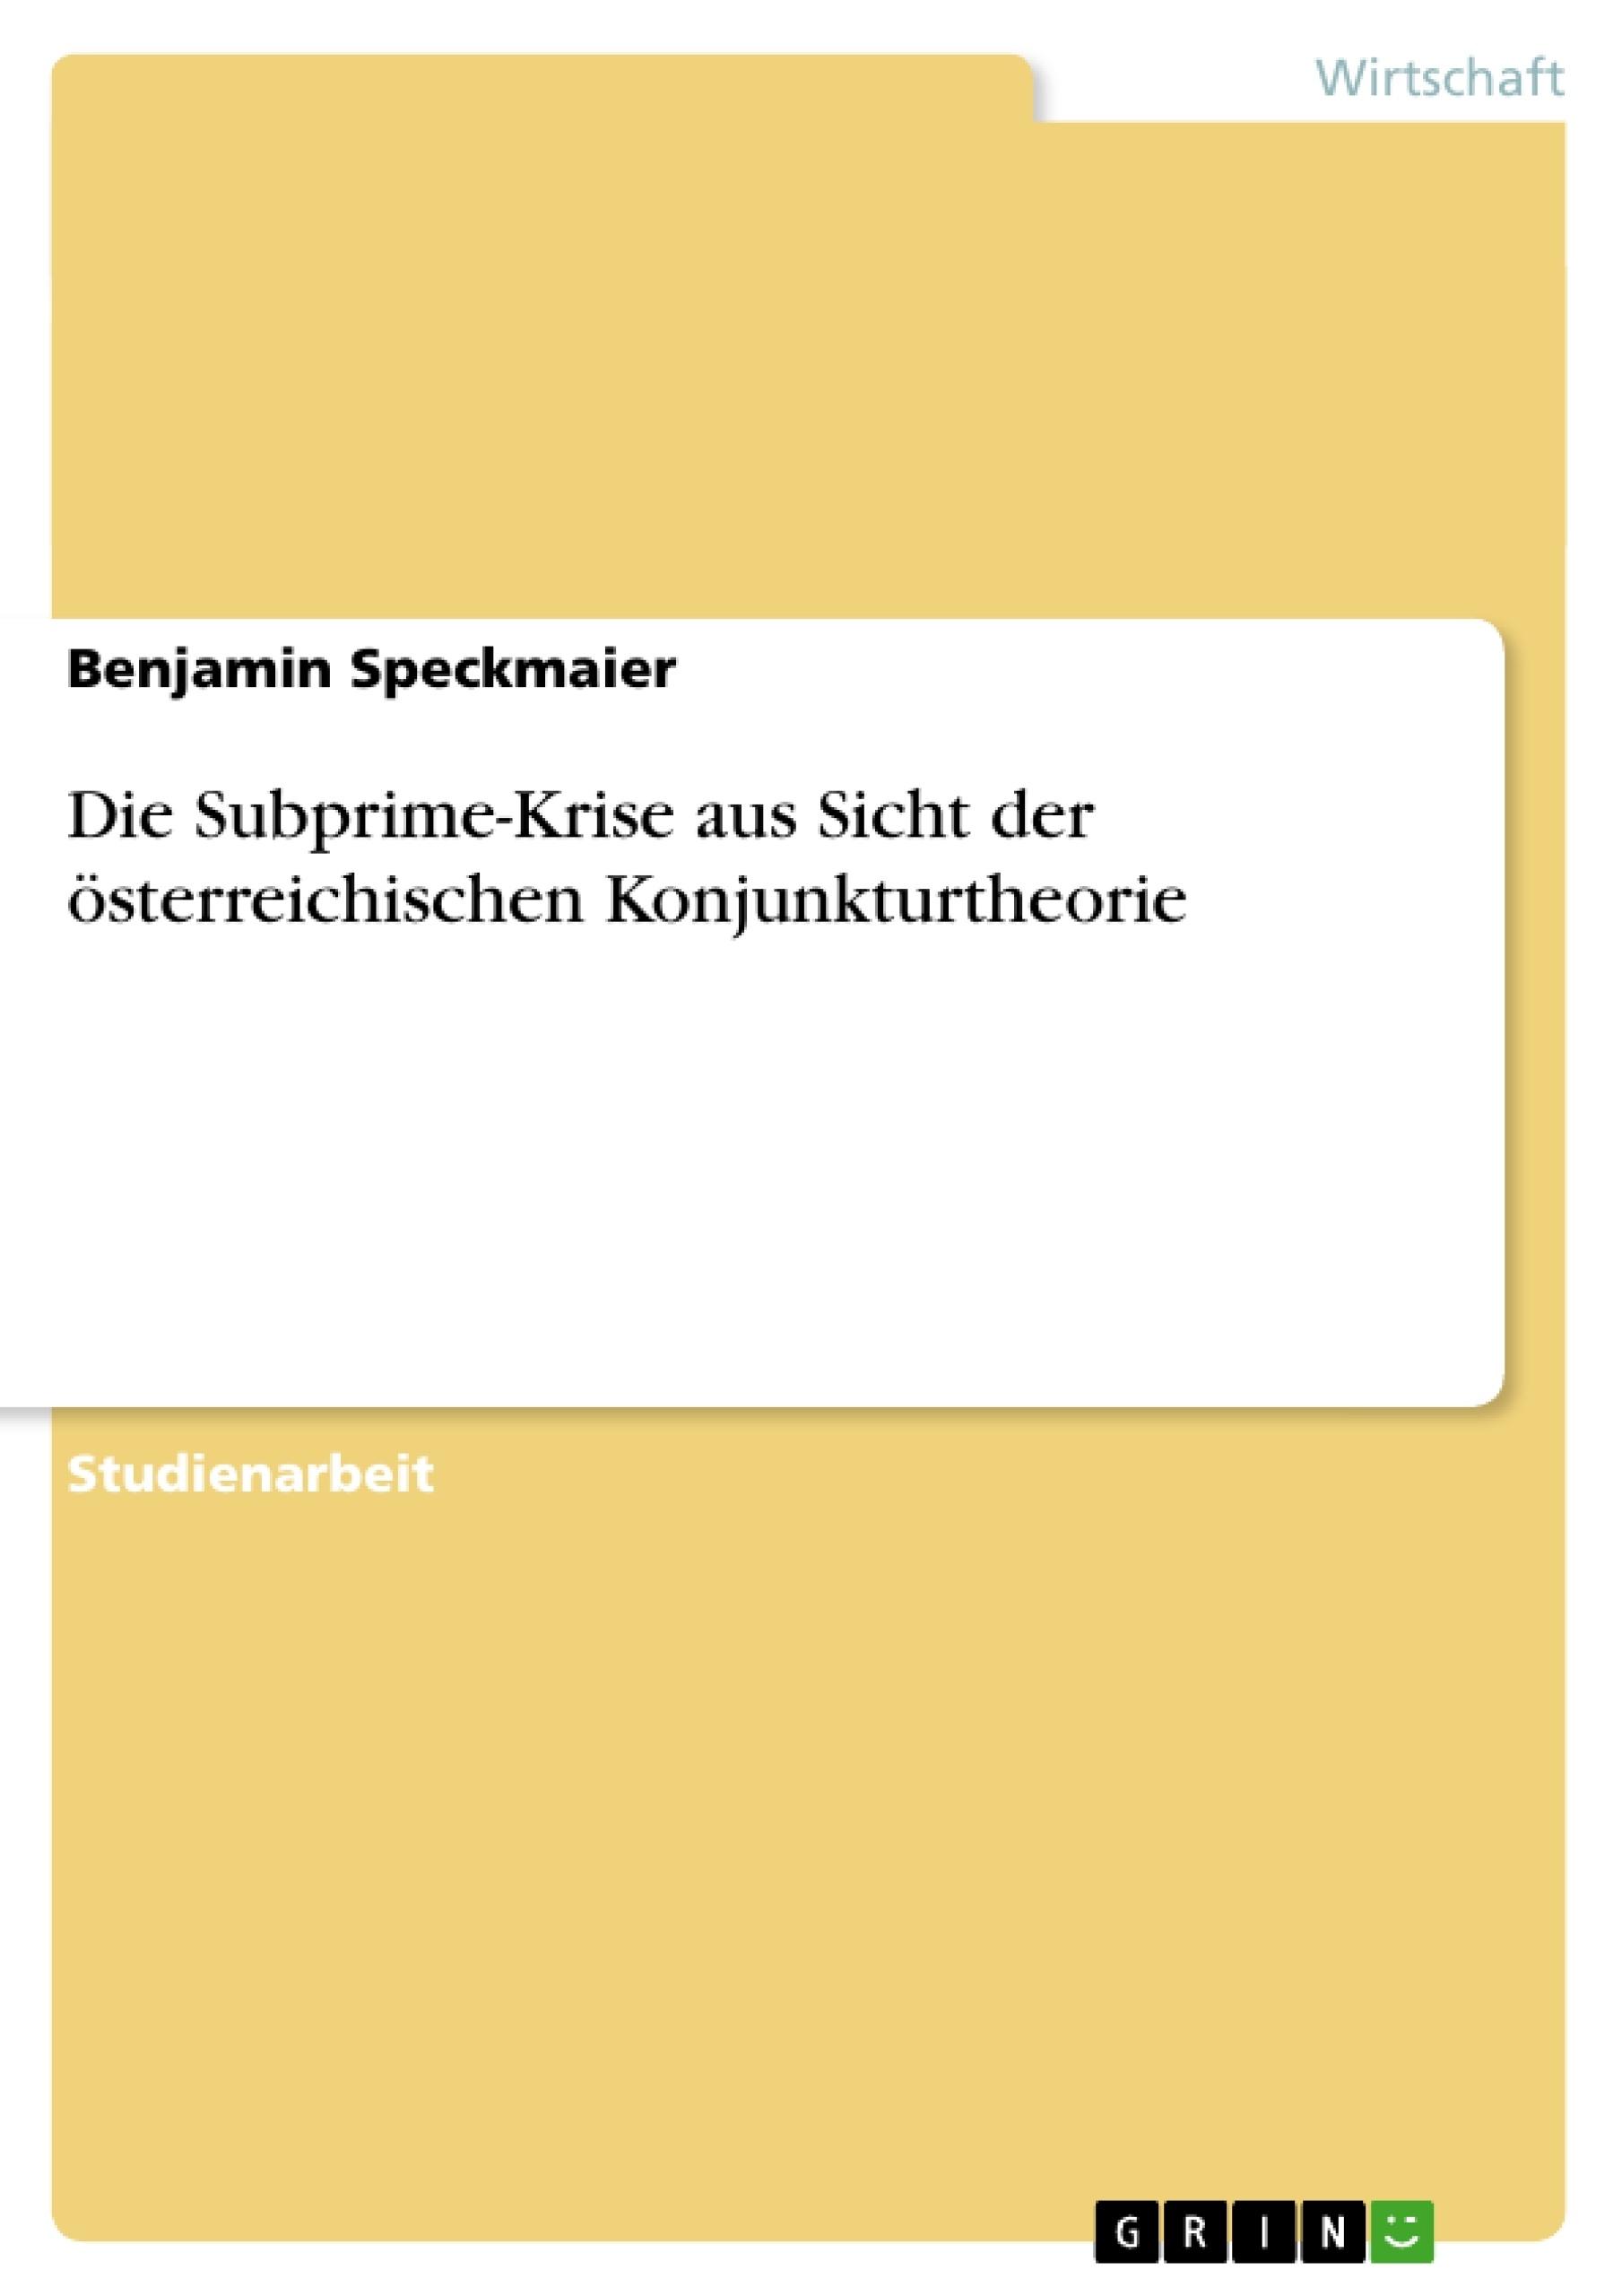 Titel: Die Subprime-Krise aus Sicht der österreichischen Konjunkturtheorie